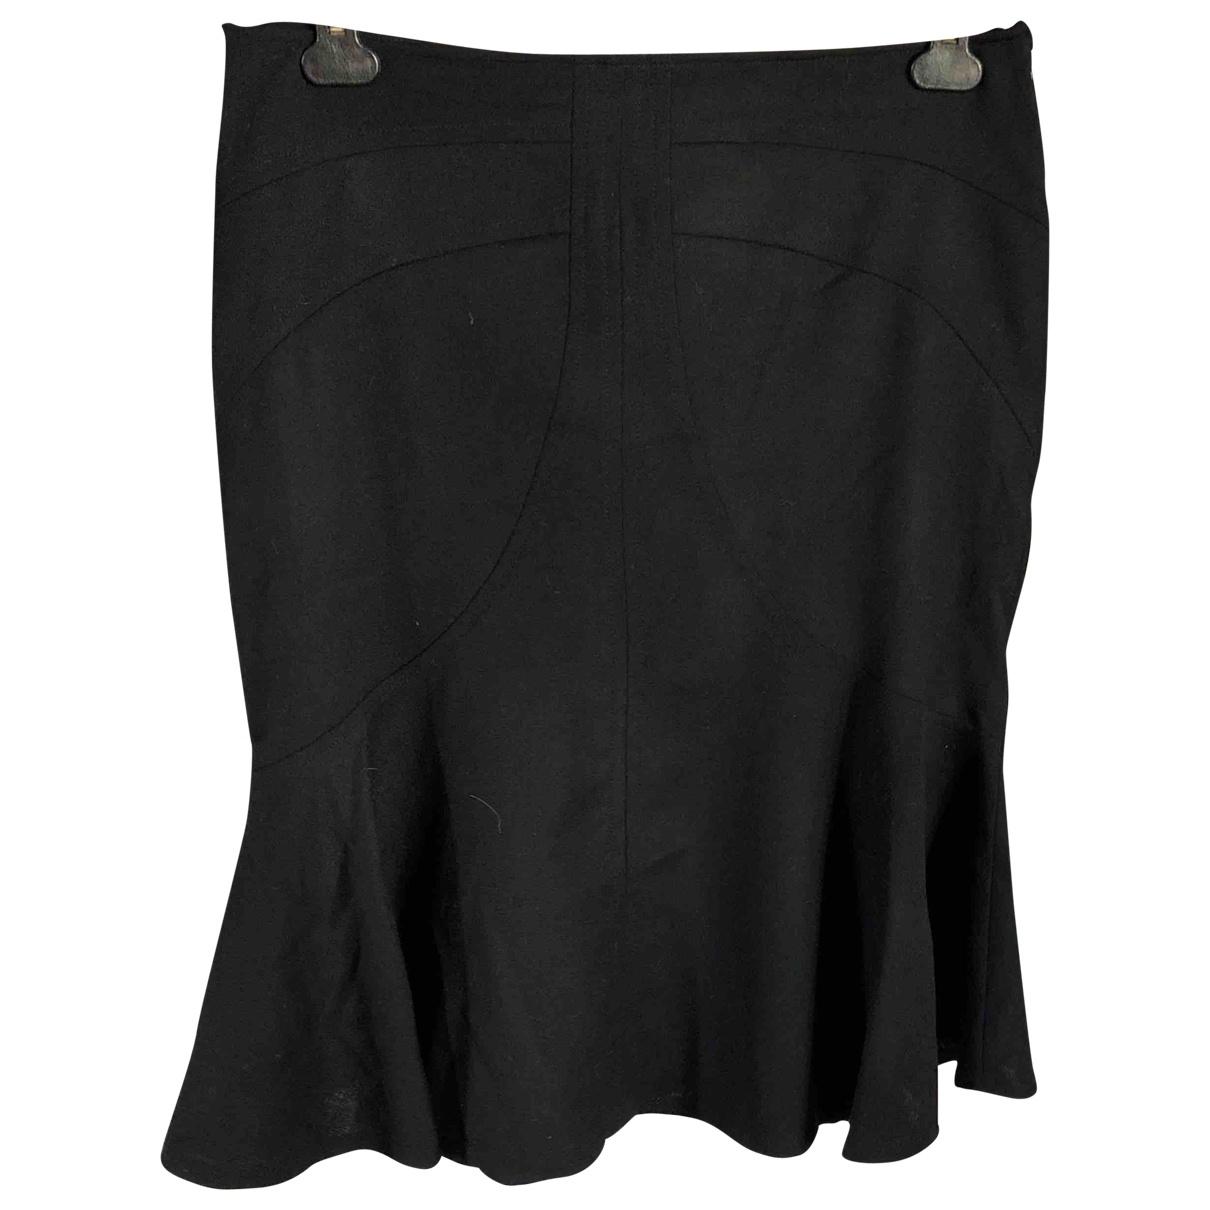 Versus - Jupe   pour femme en laine - noir